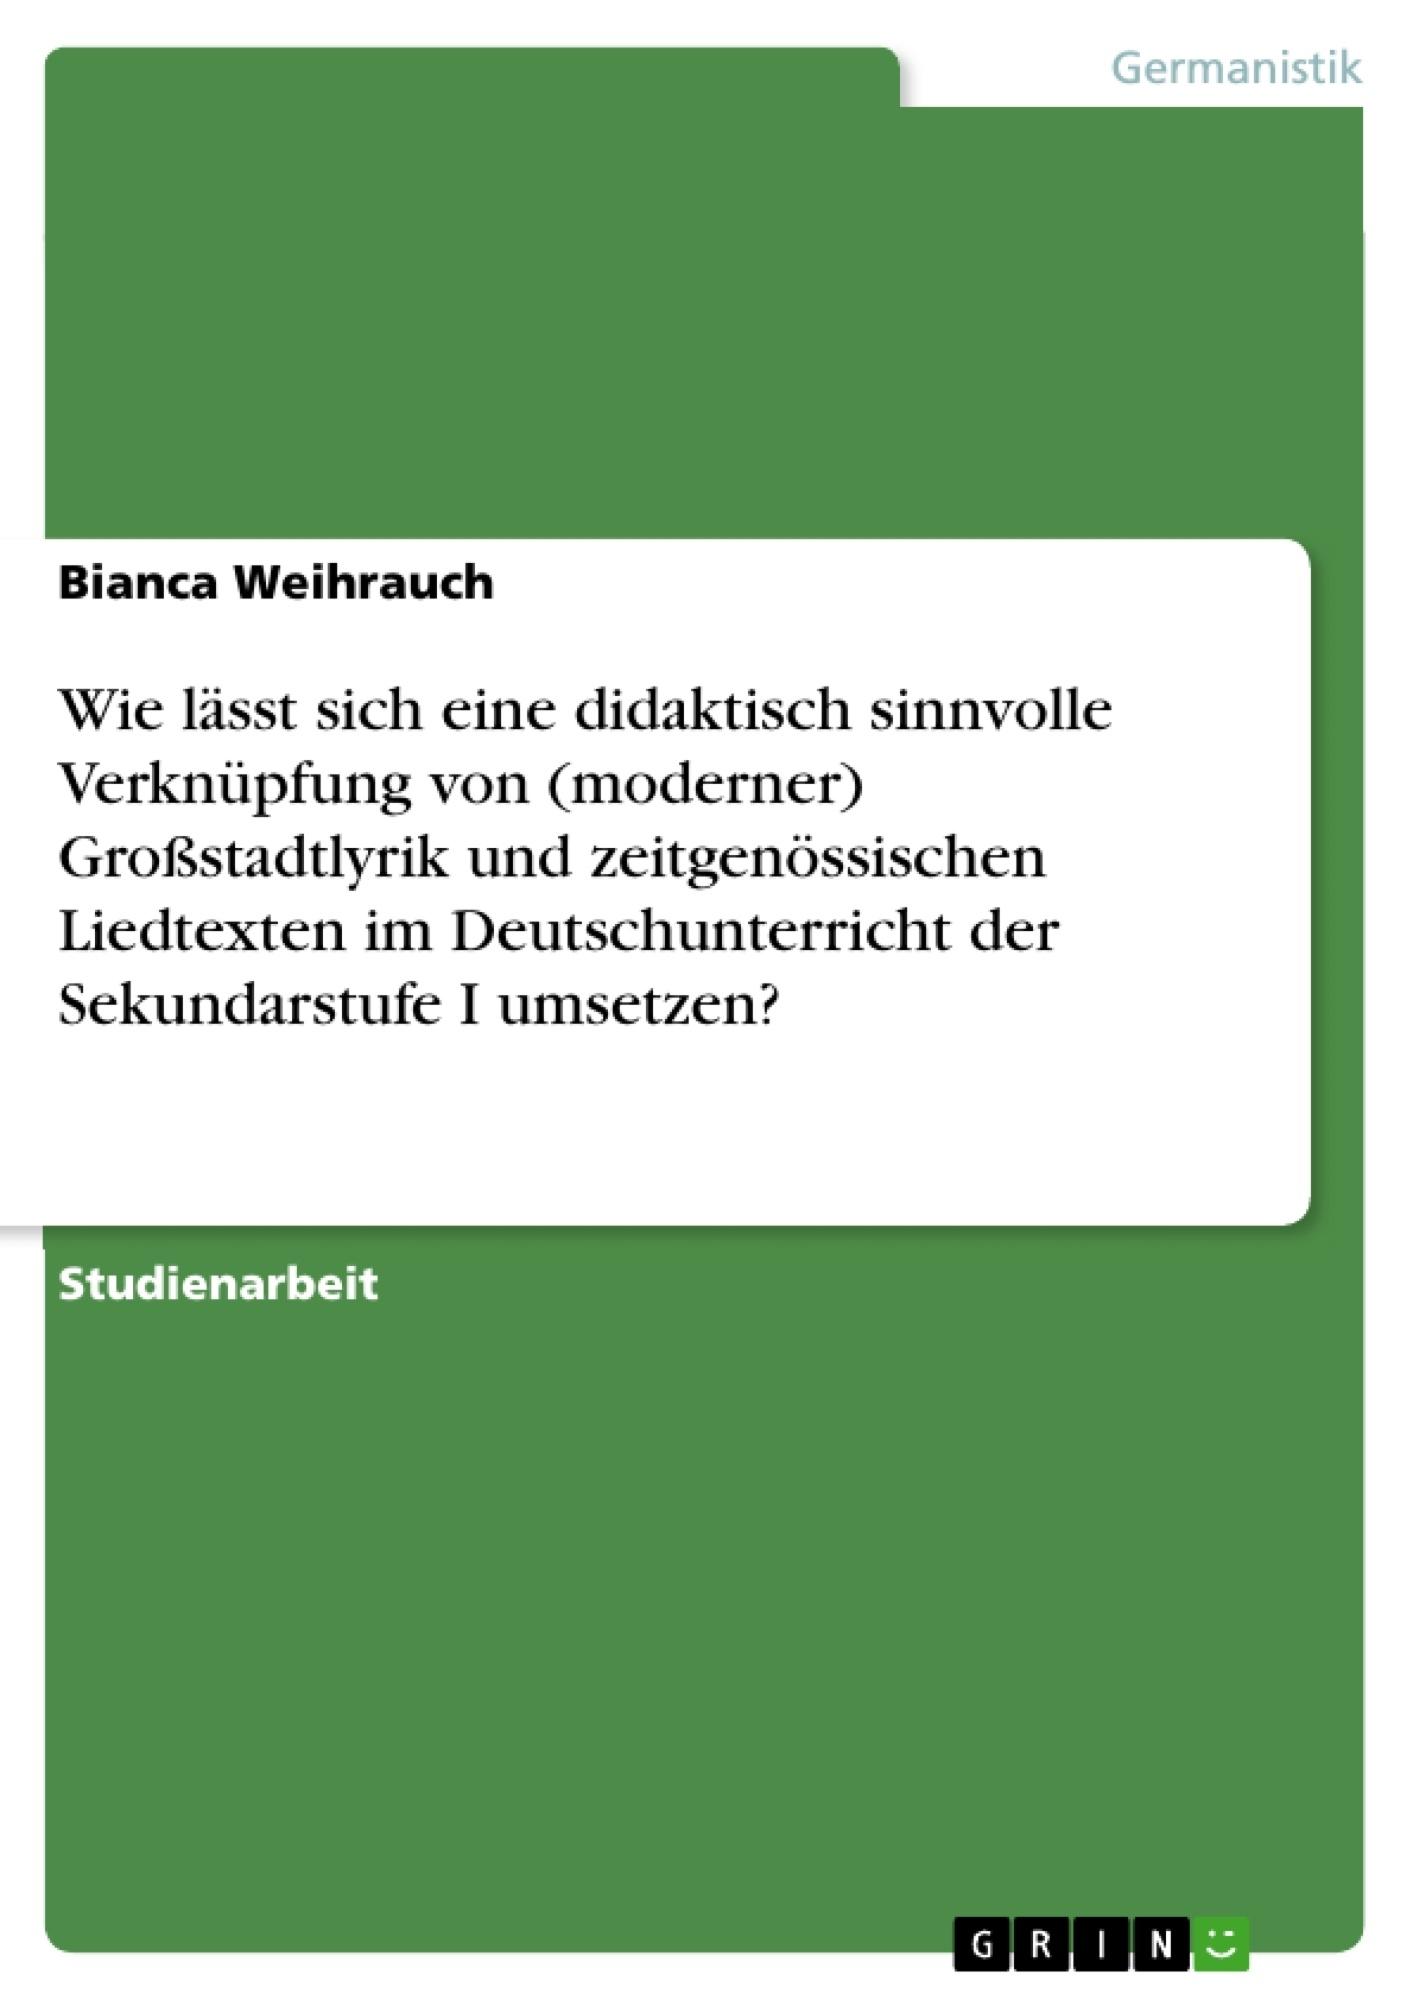 Titel: Wie lässt sich eine didaktisch sinnvolle Verknüpfung von (moderner) Großstadtlyrik und zeitgenössischen Liedtexten im Deutschunterricht der Sekundarstufe I umsetzen?